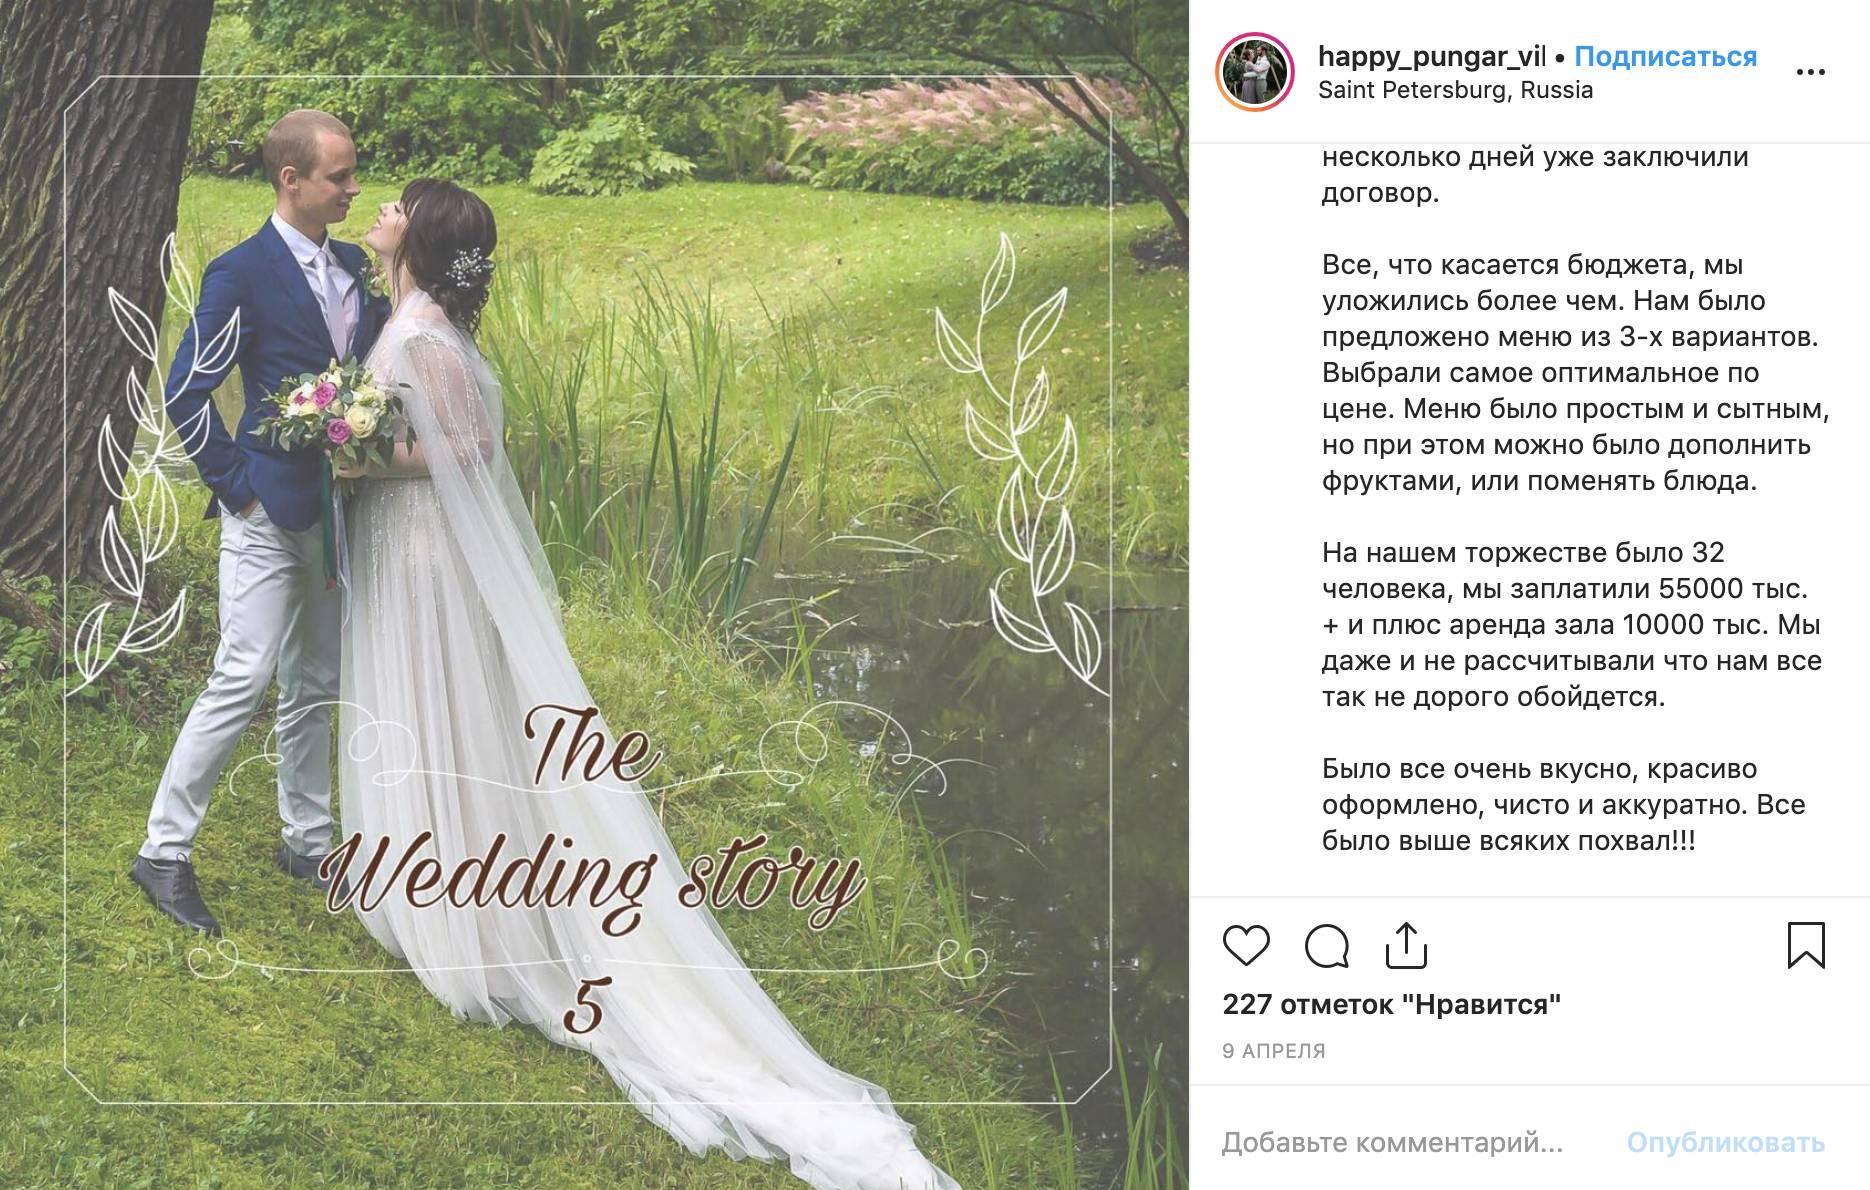 Свадьба за границей: особенности организации свадьбы за рубежом